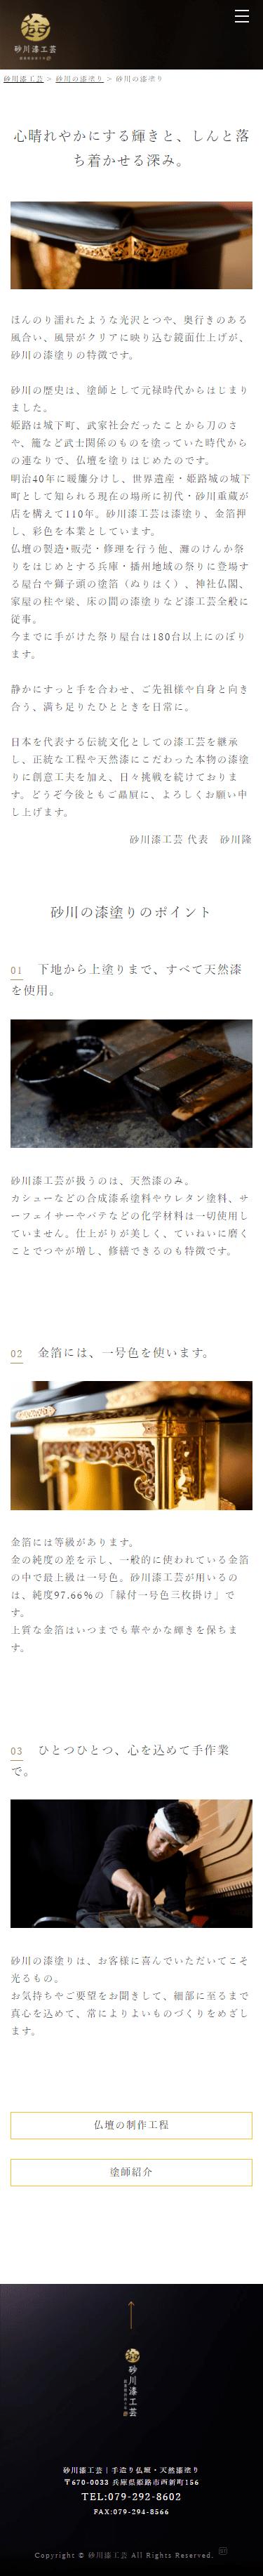 姫路市 砂川漆工芸/砂川仏檀店様 ホームページ制作4